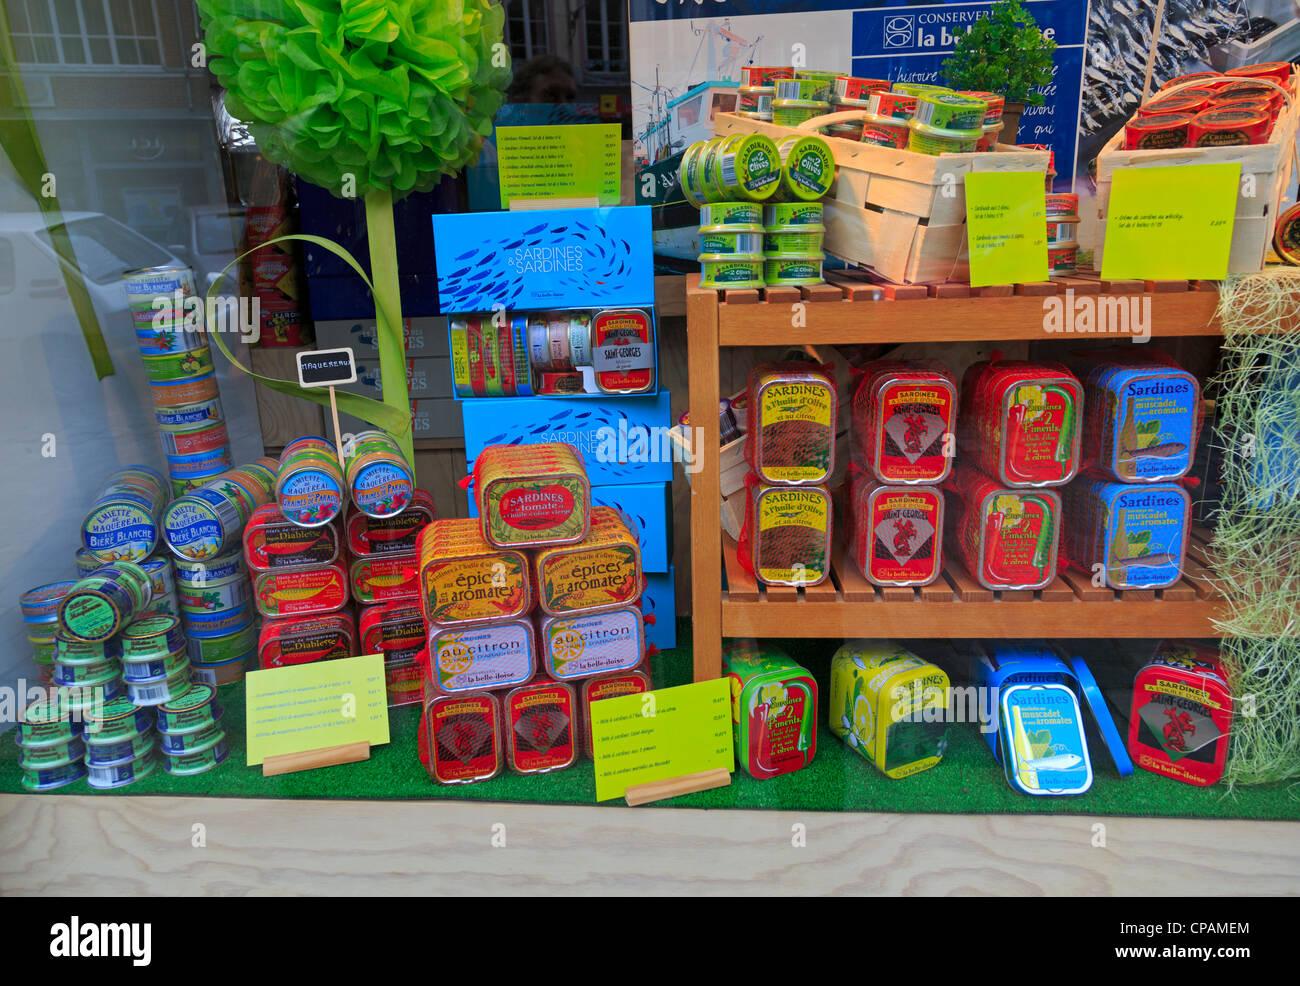 L'affichage des boîtes de sardines à l'dans un magasin à Honfleur. Les produits locaux sont Photo Stock